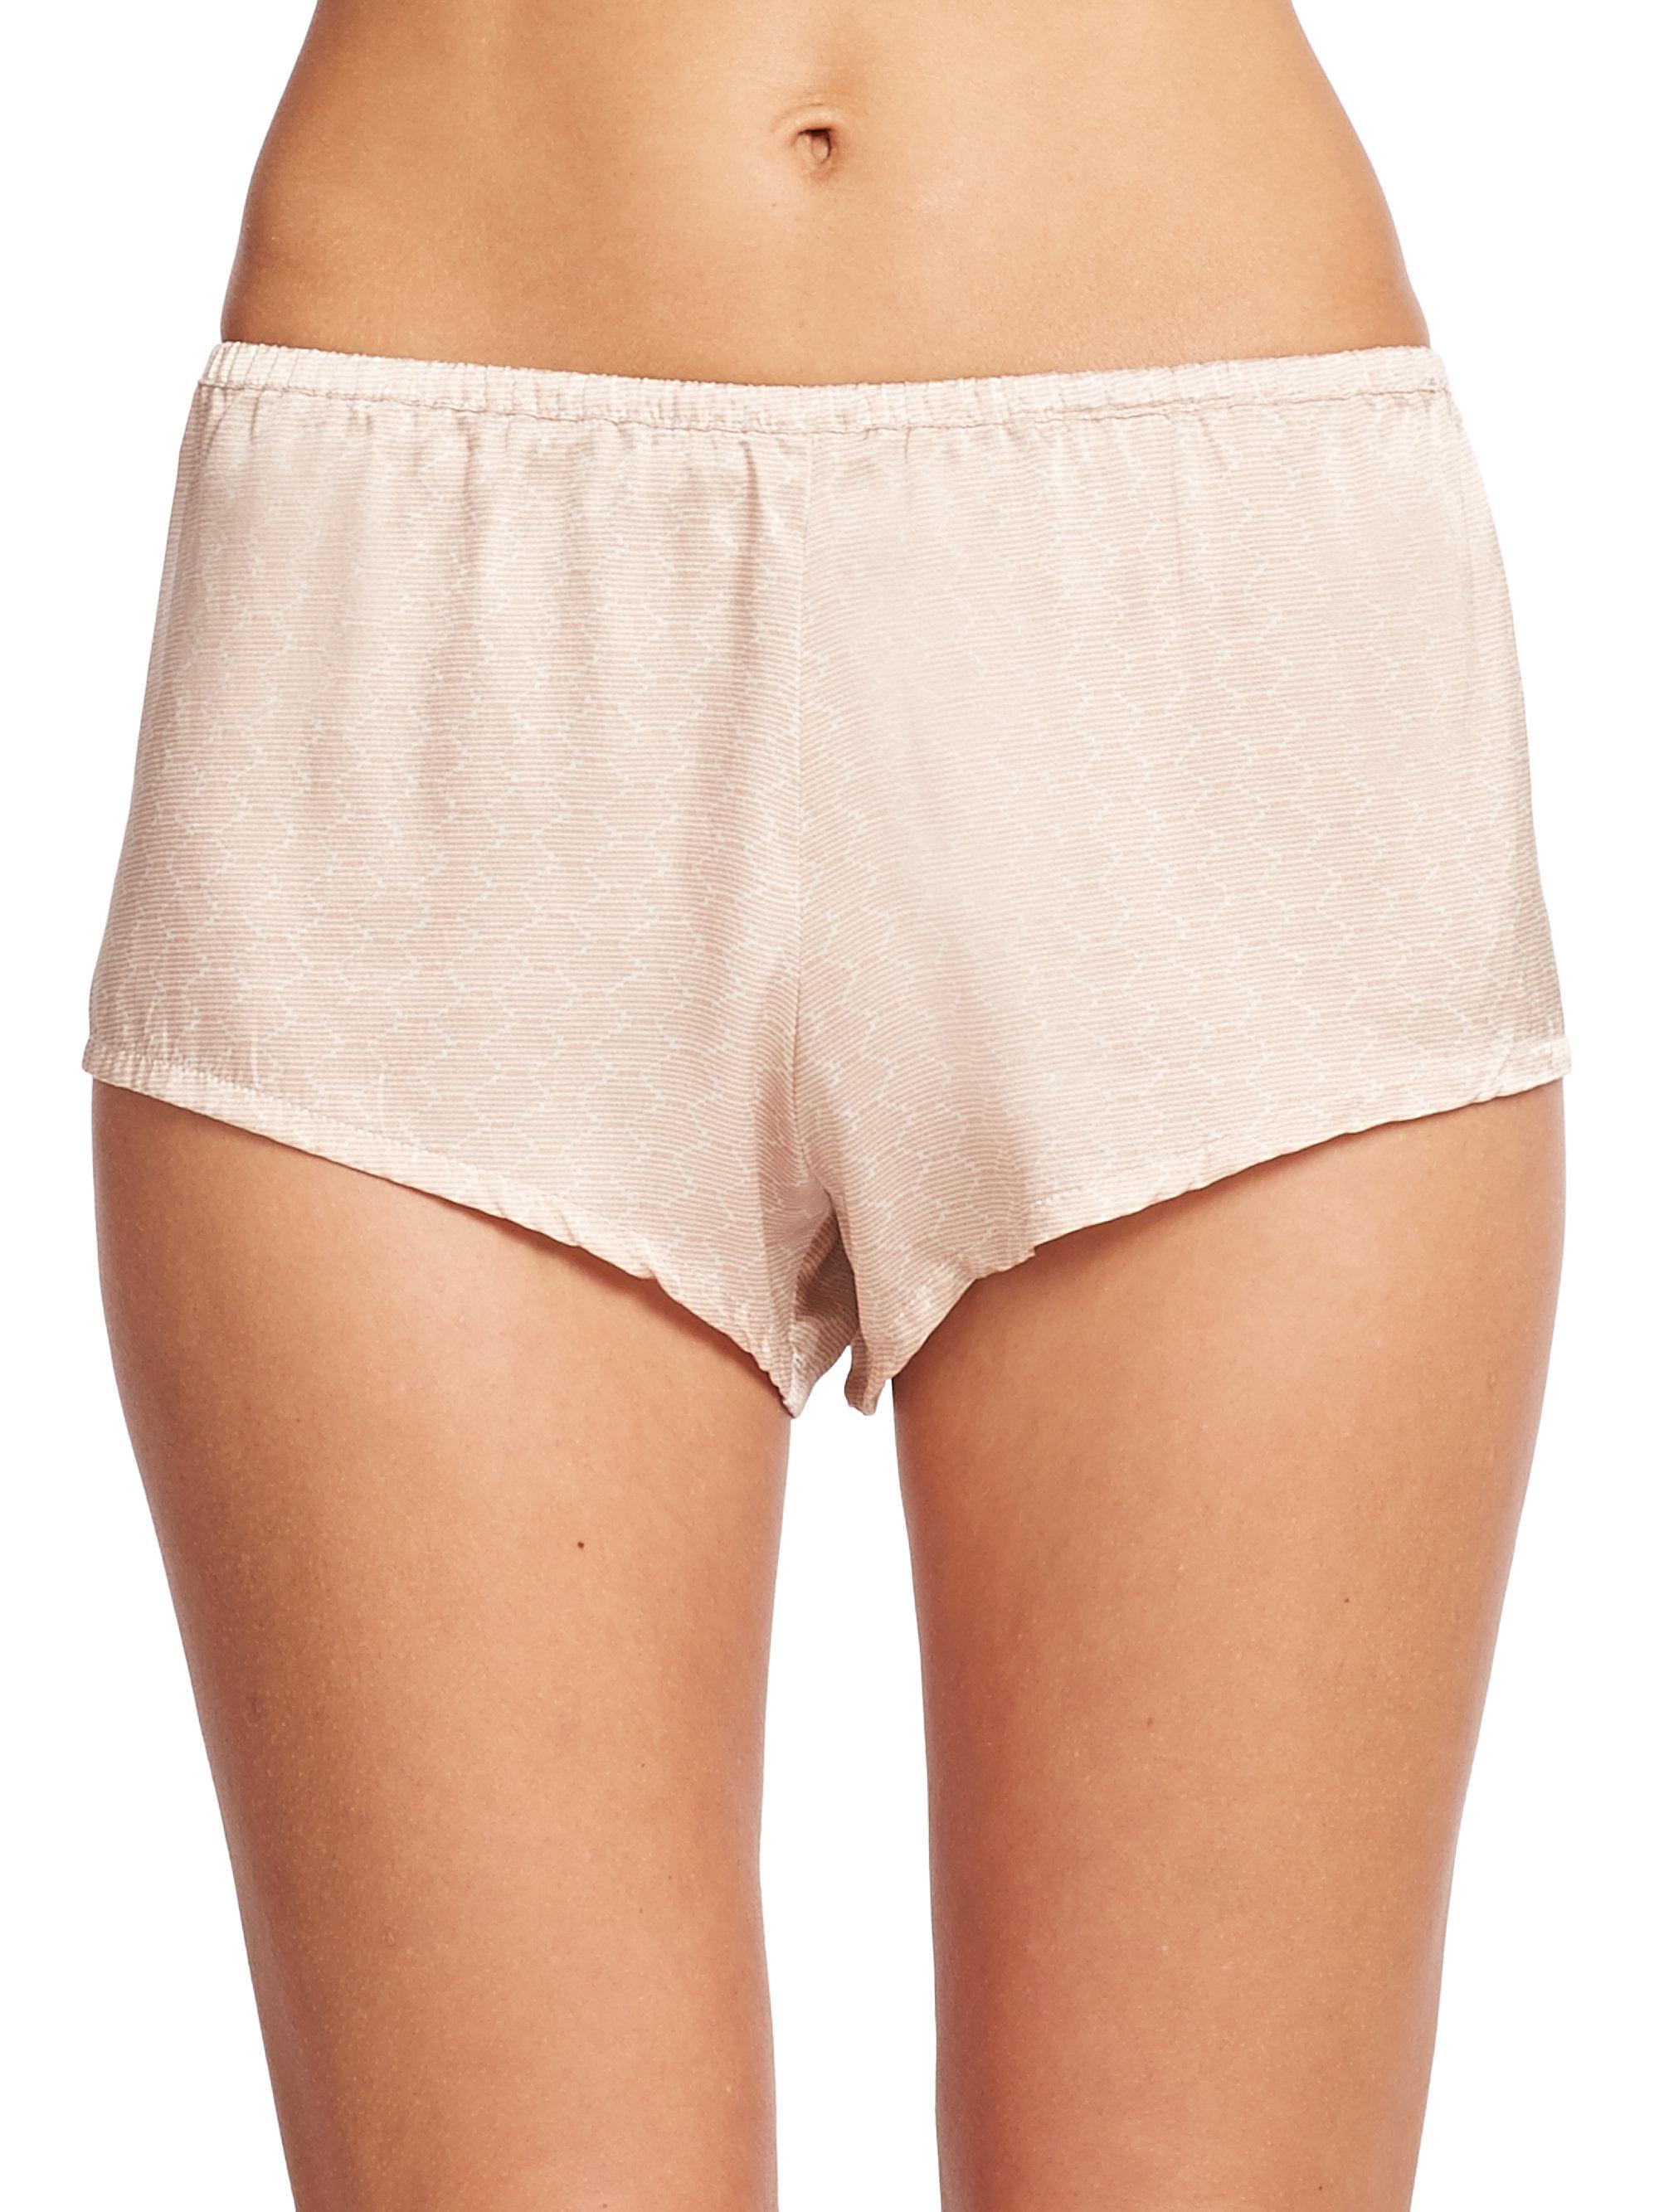 bottoms nudes pajama